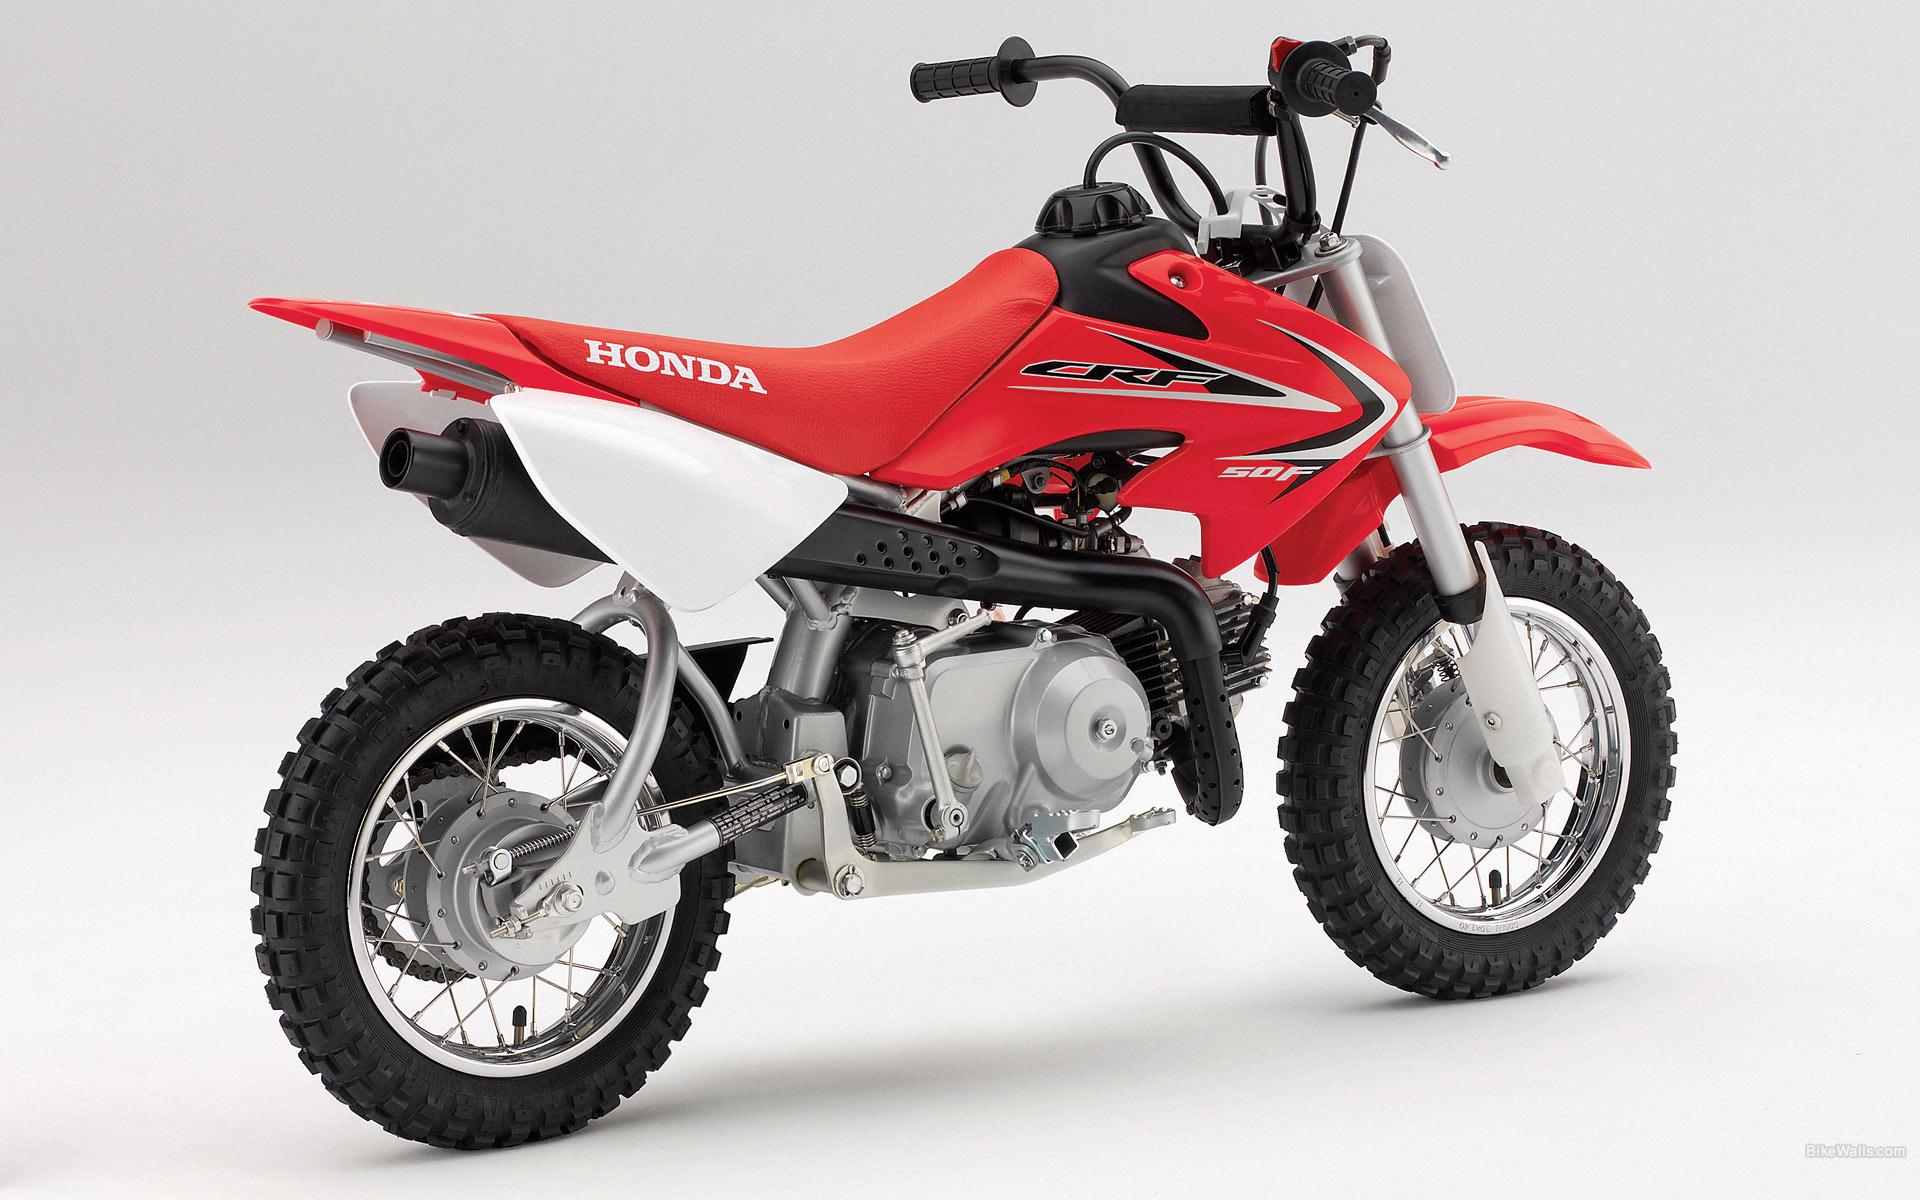 Dessins En Couleurs à Imprimer Honda Numéro 259276